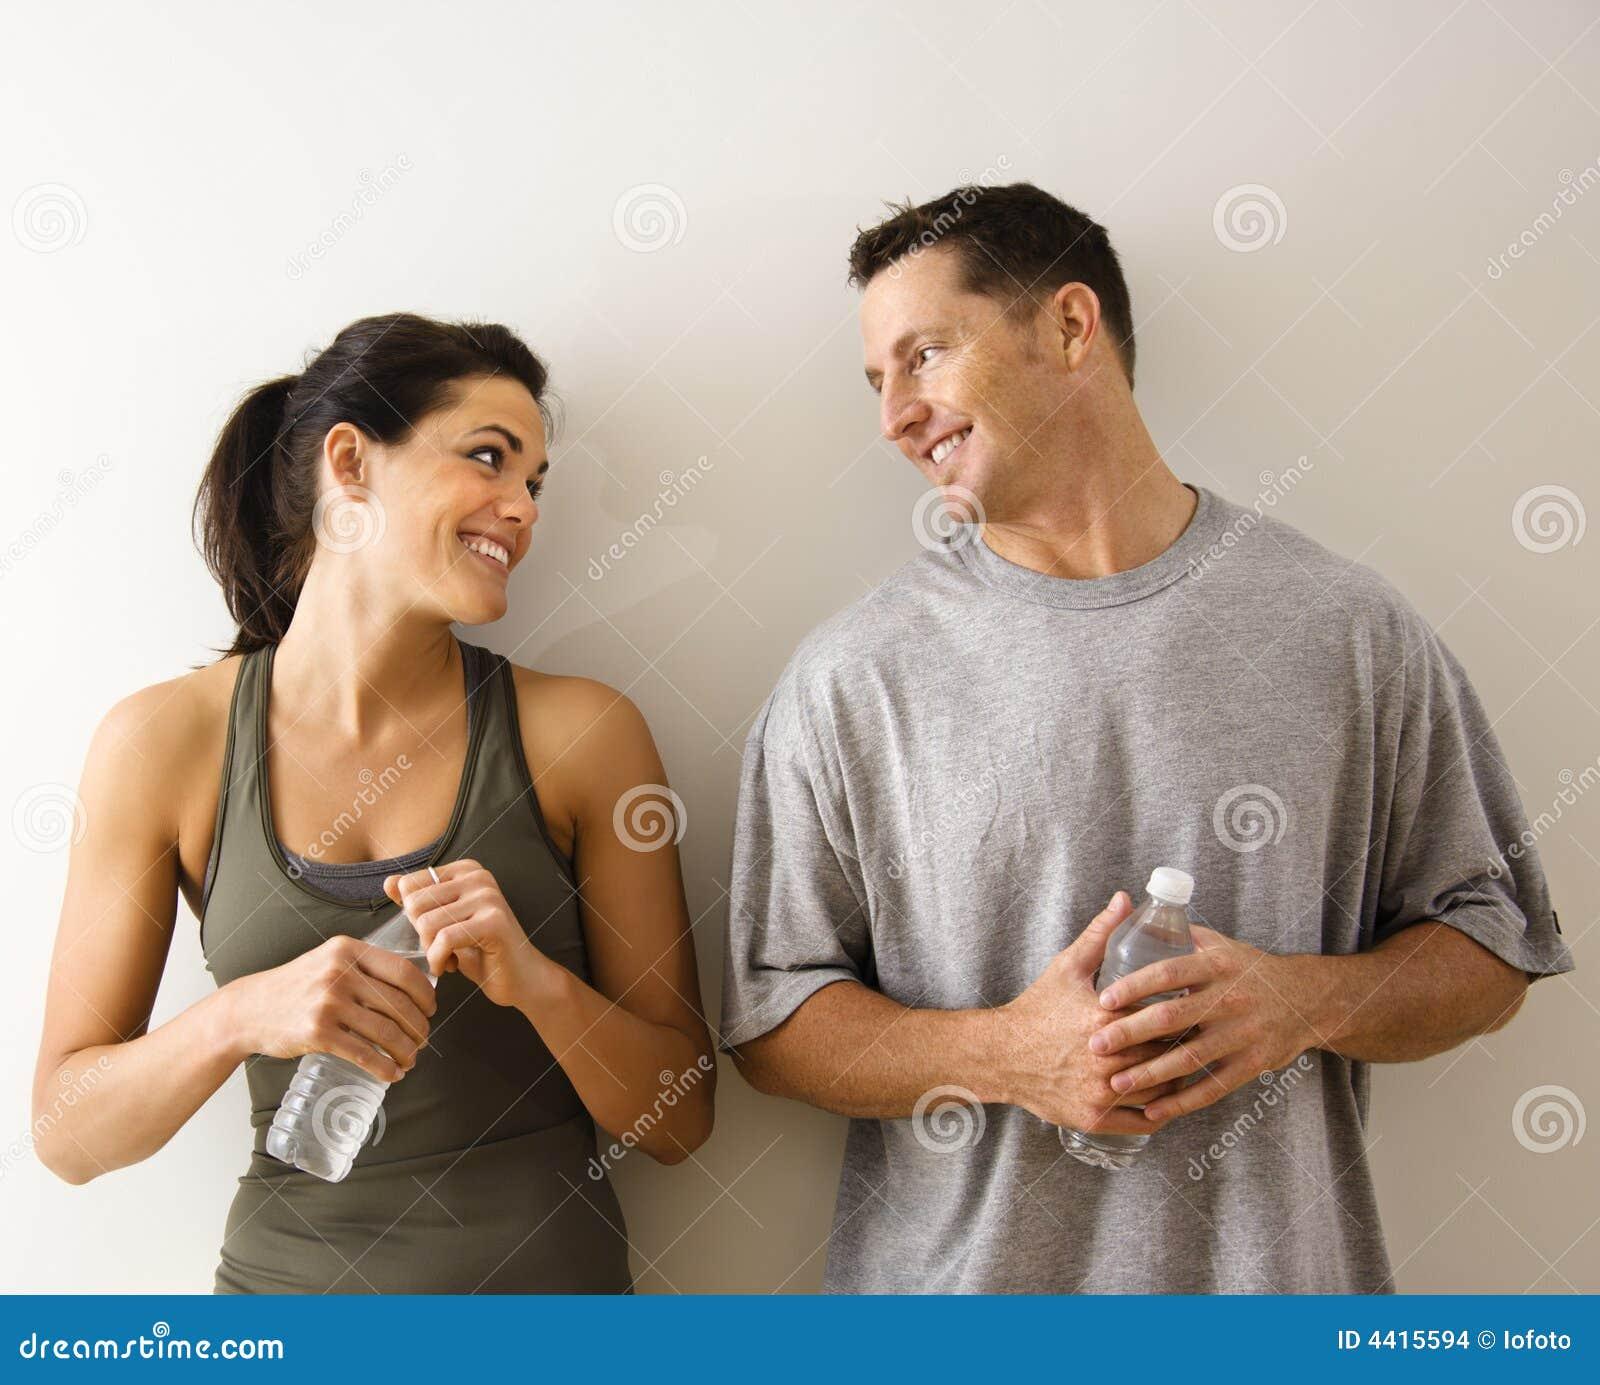 Hombre y mujer de la aptitud